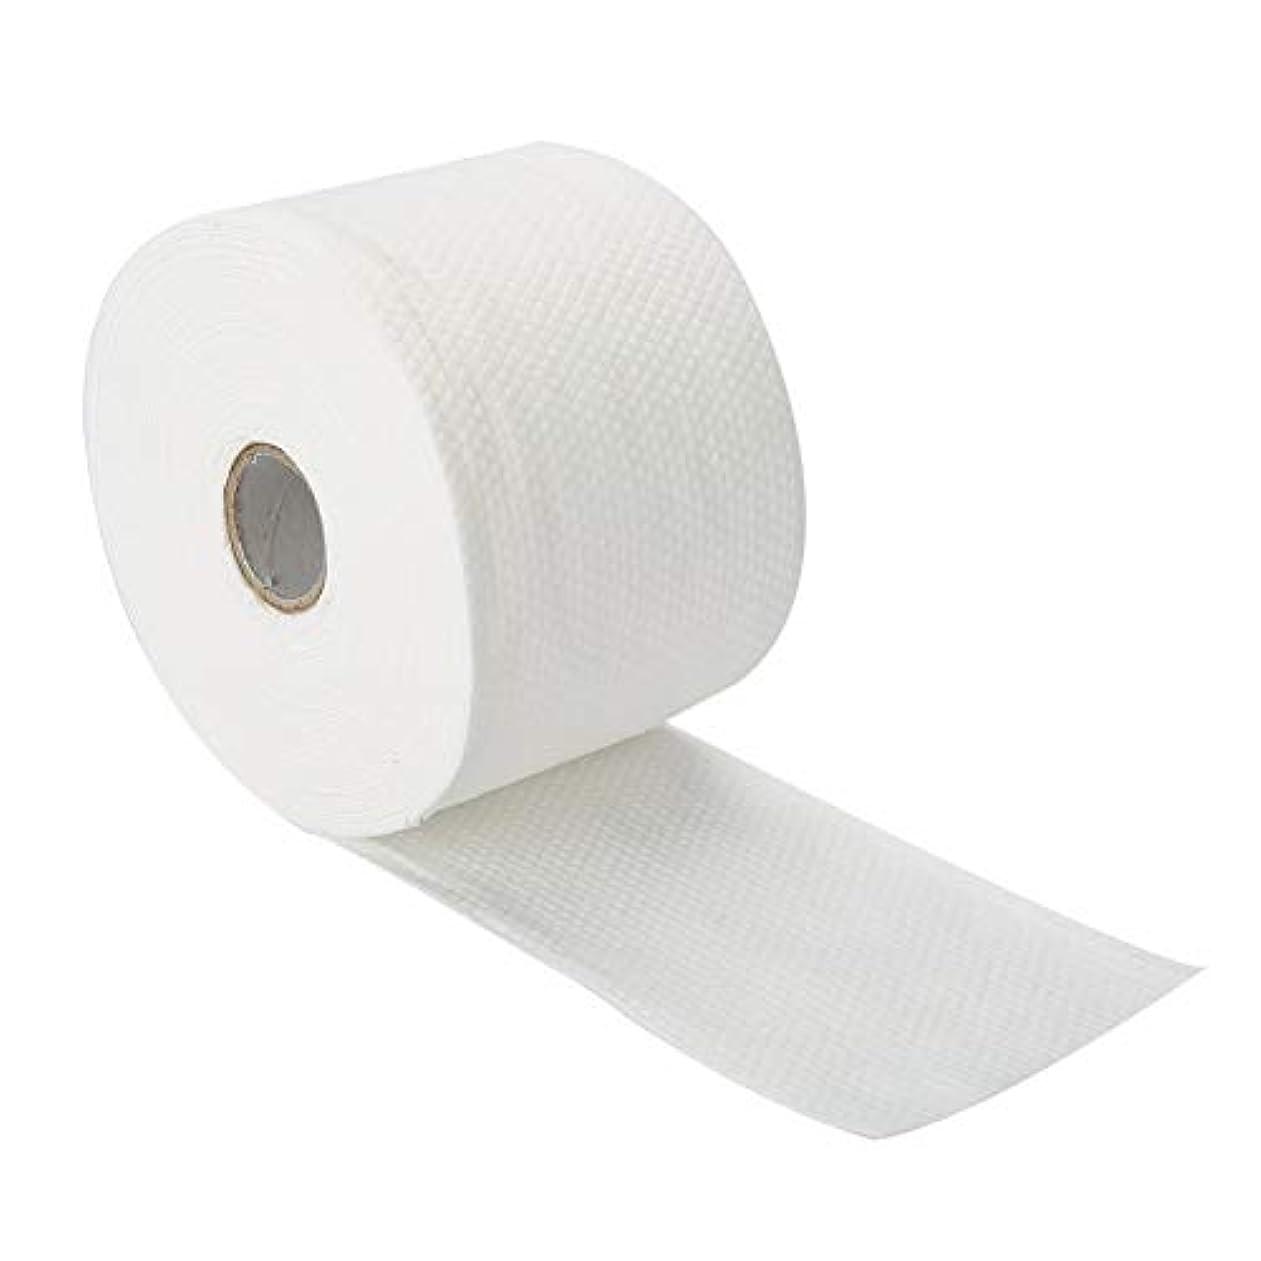 論争的驚き小数構造の使い捨て可能 表面 タオル 柔らかい Nonwoven クリーニングの化粧品の綿パッド25m